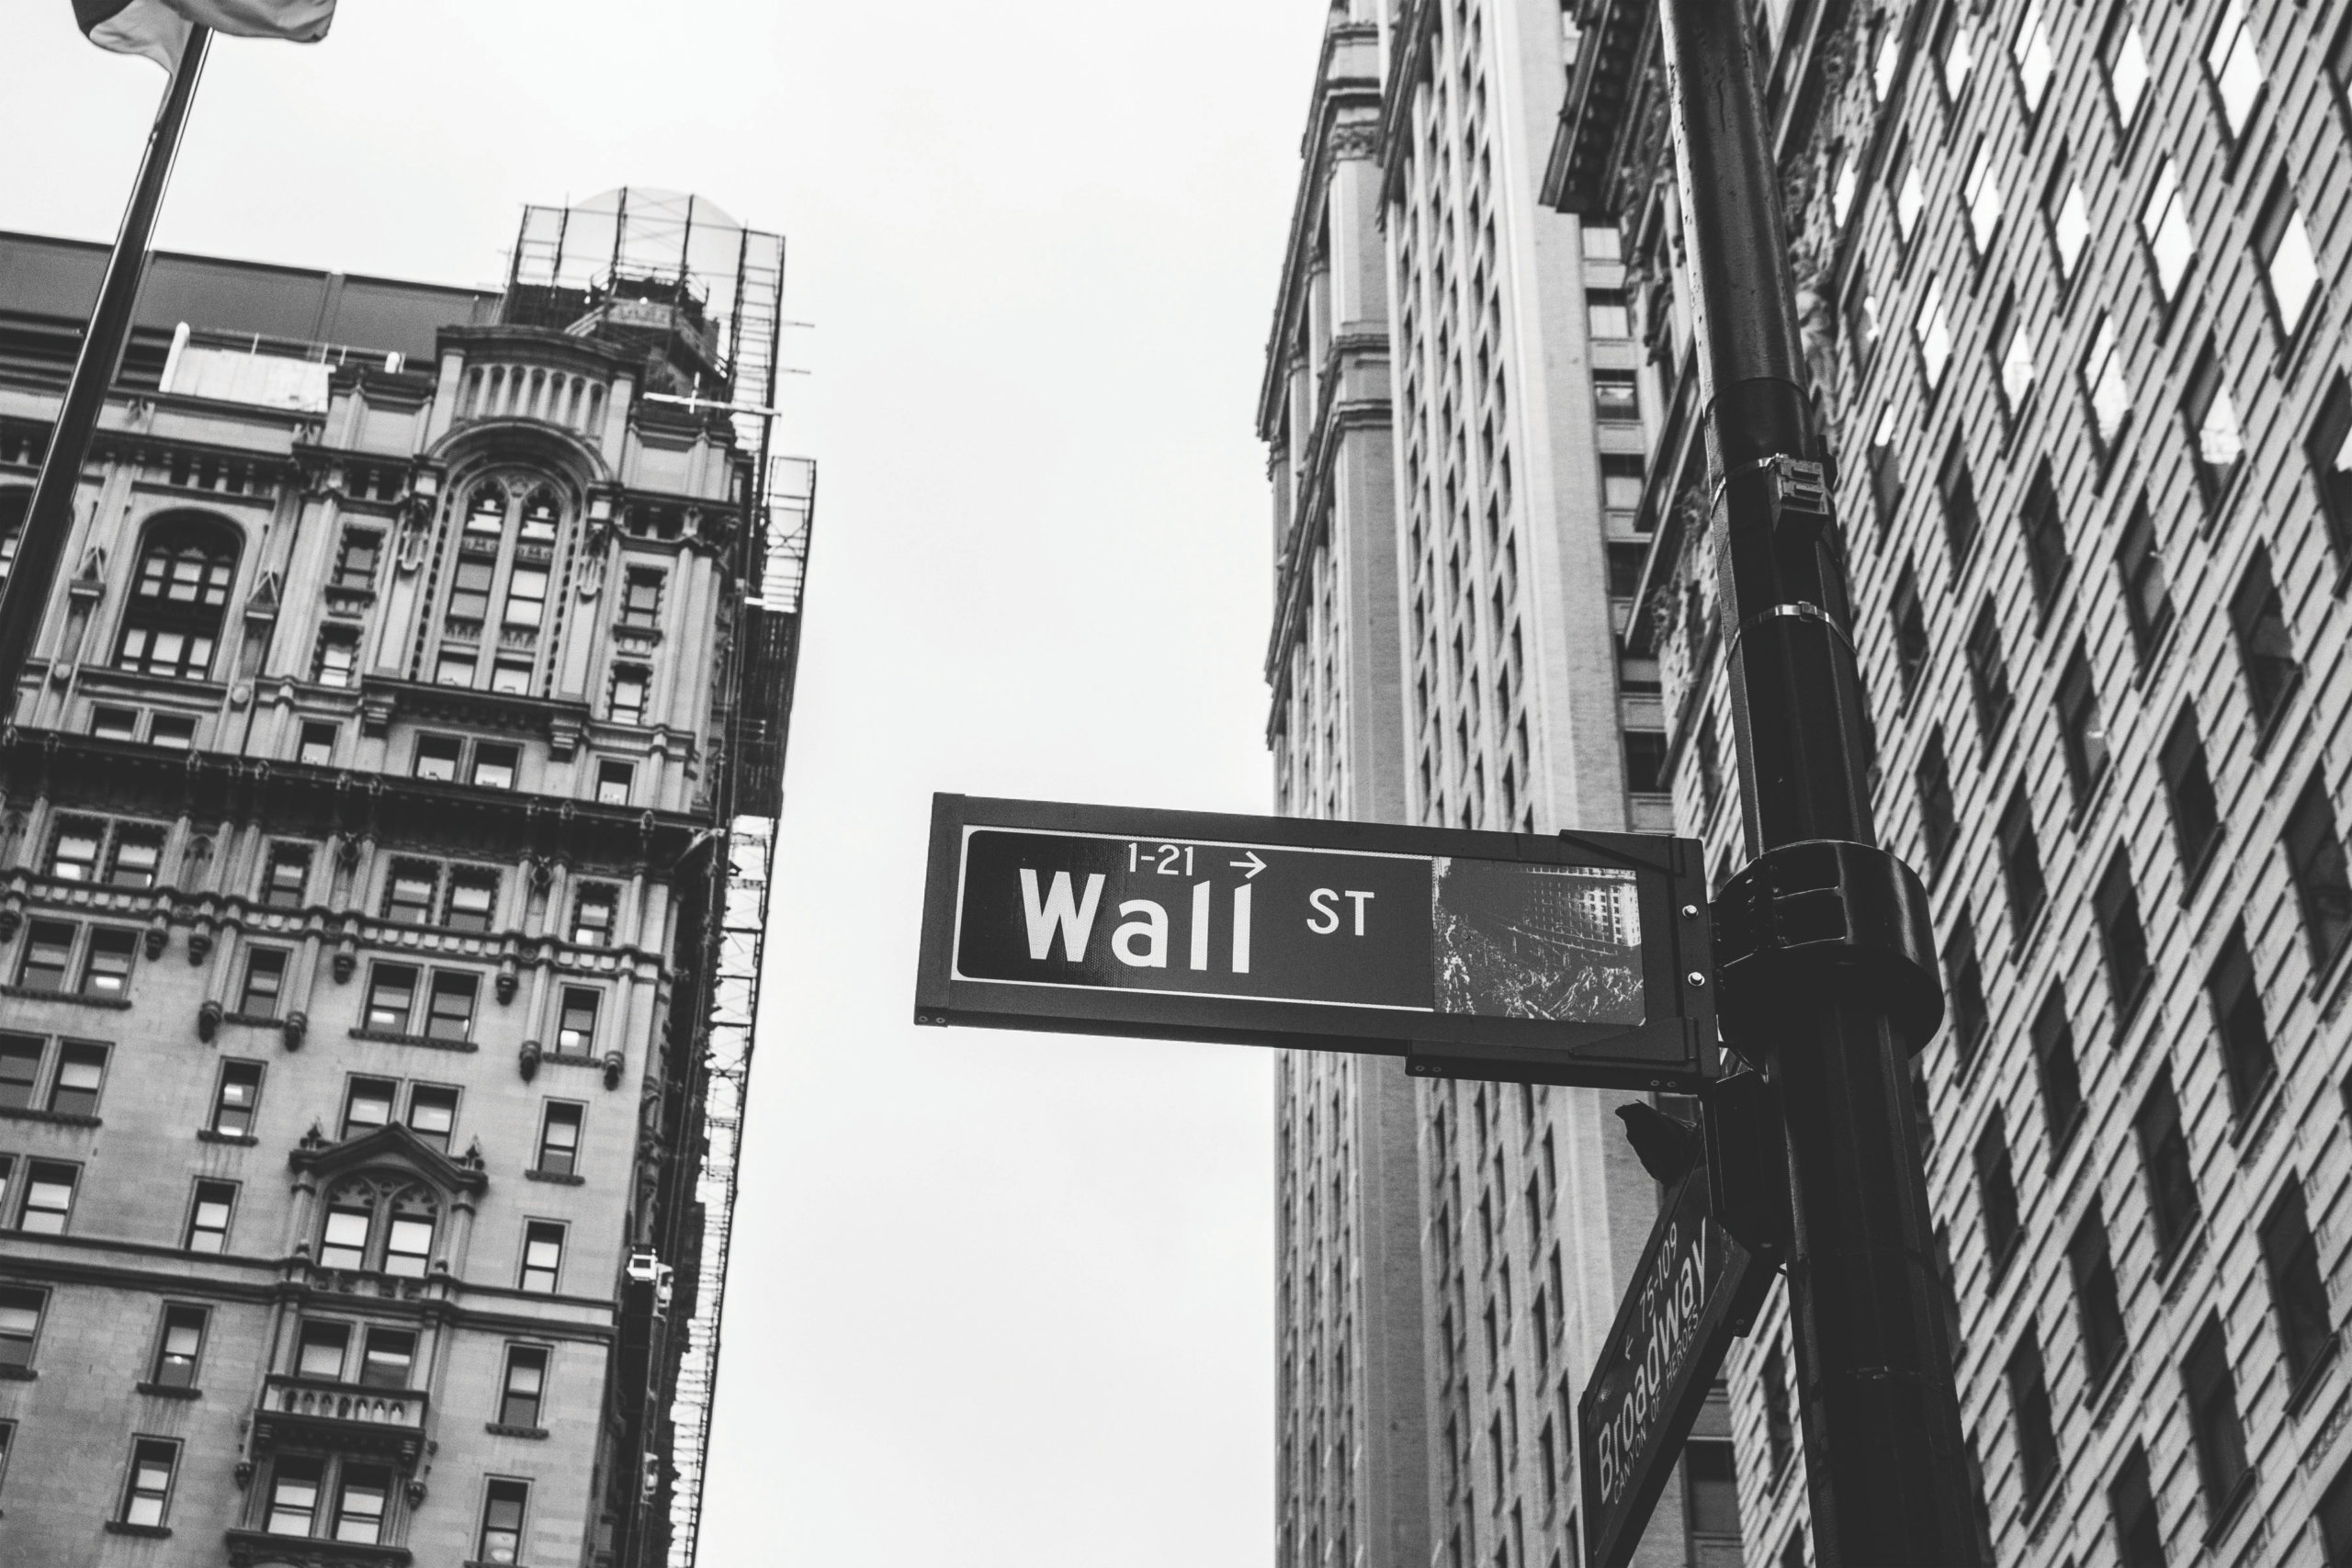 政治経済 経済編 実体経済と金融経済について